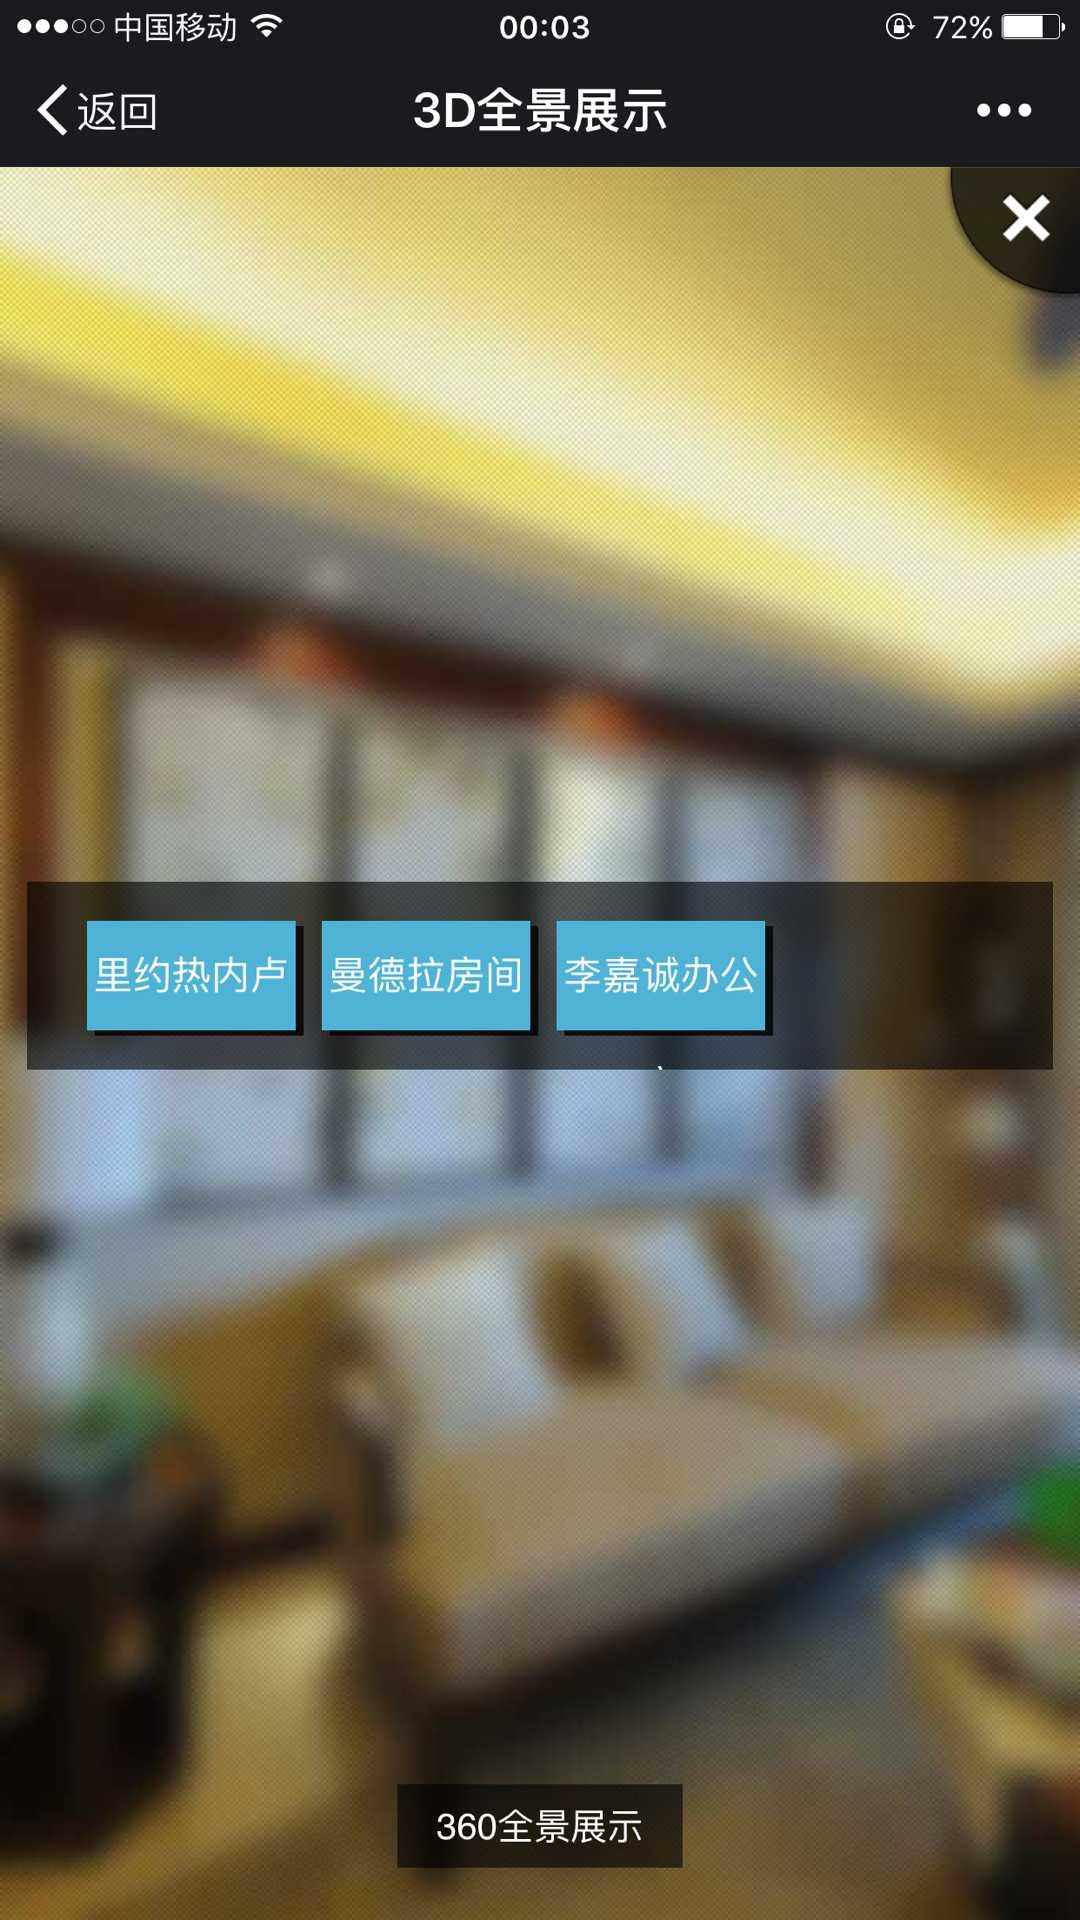 360全景展示系统